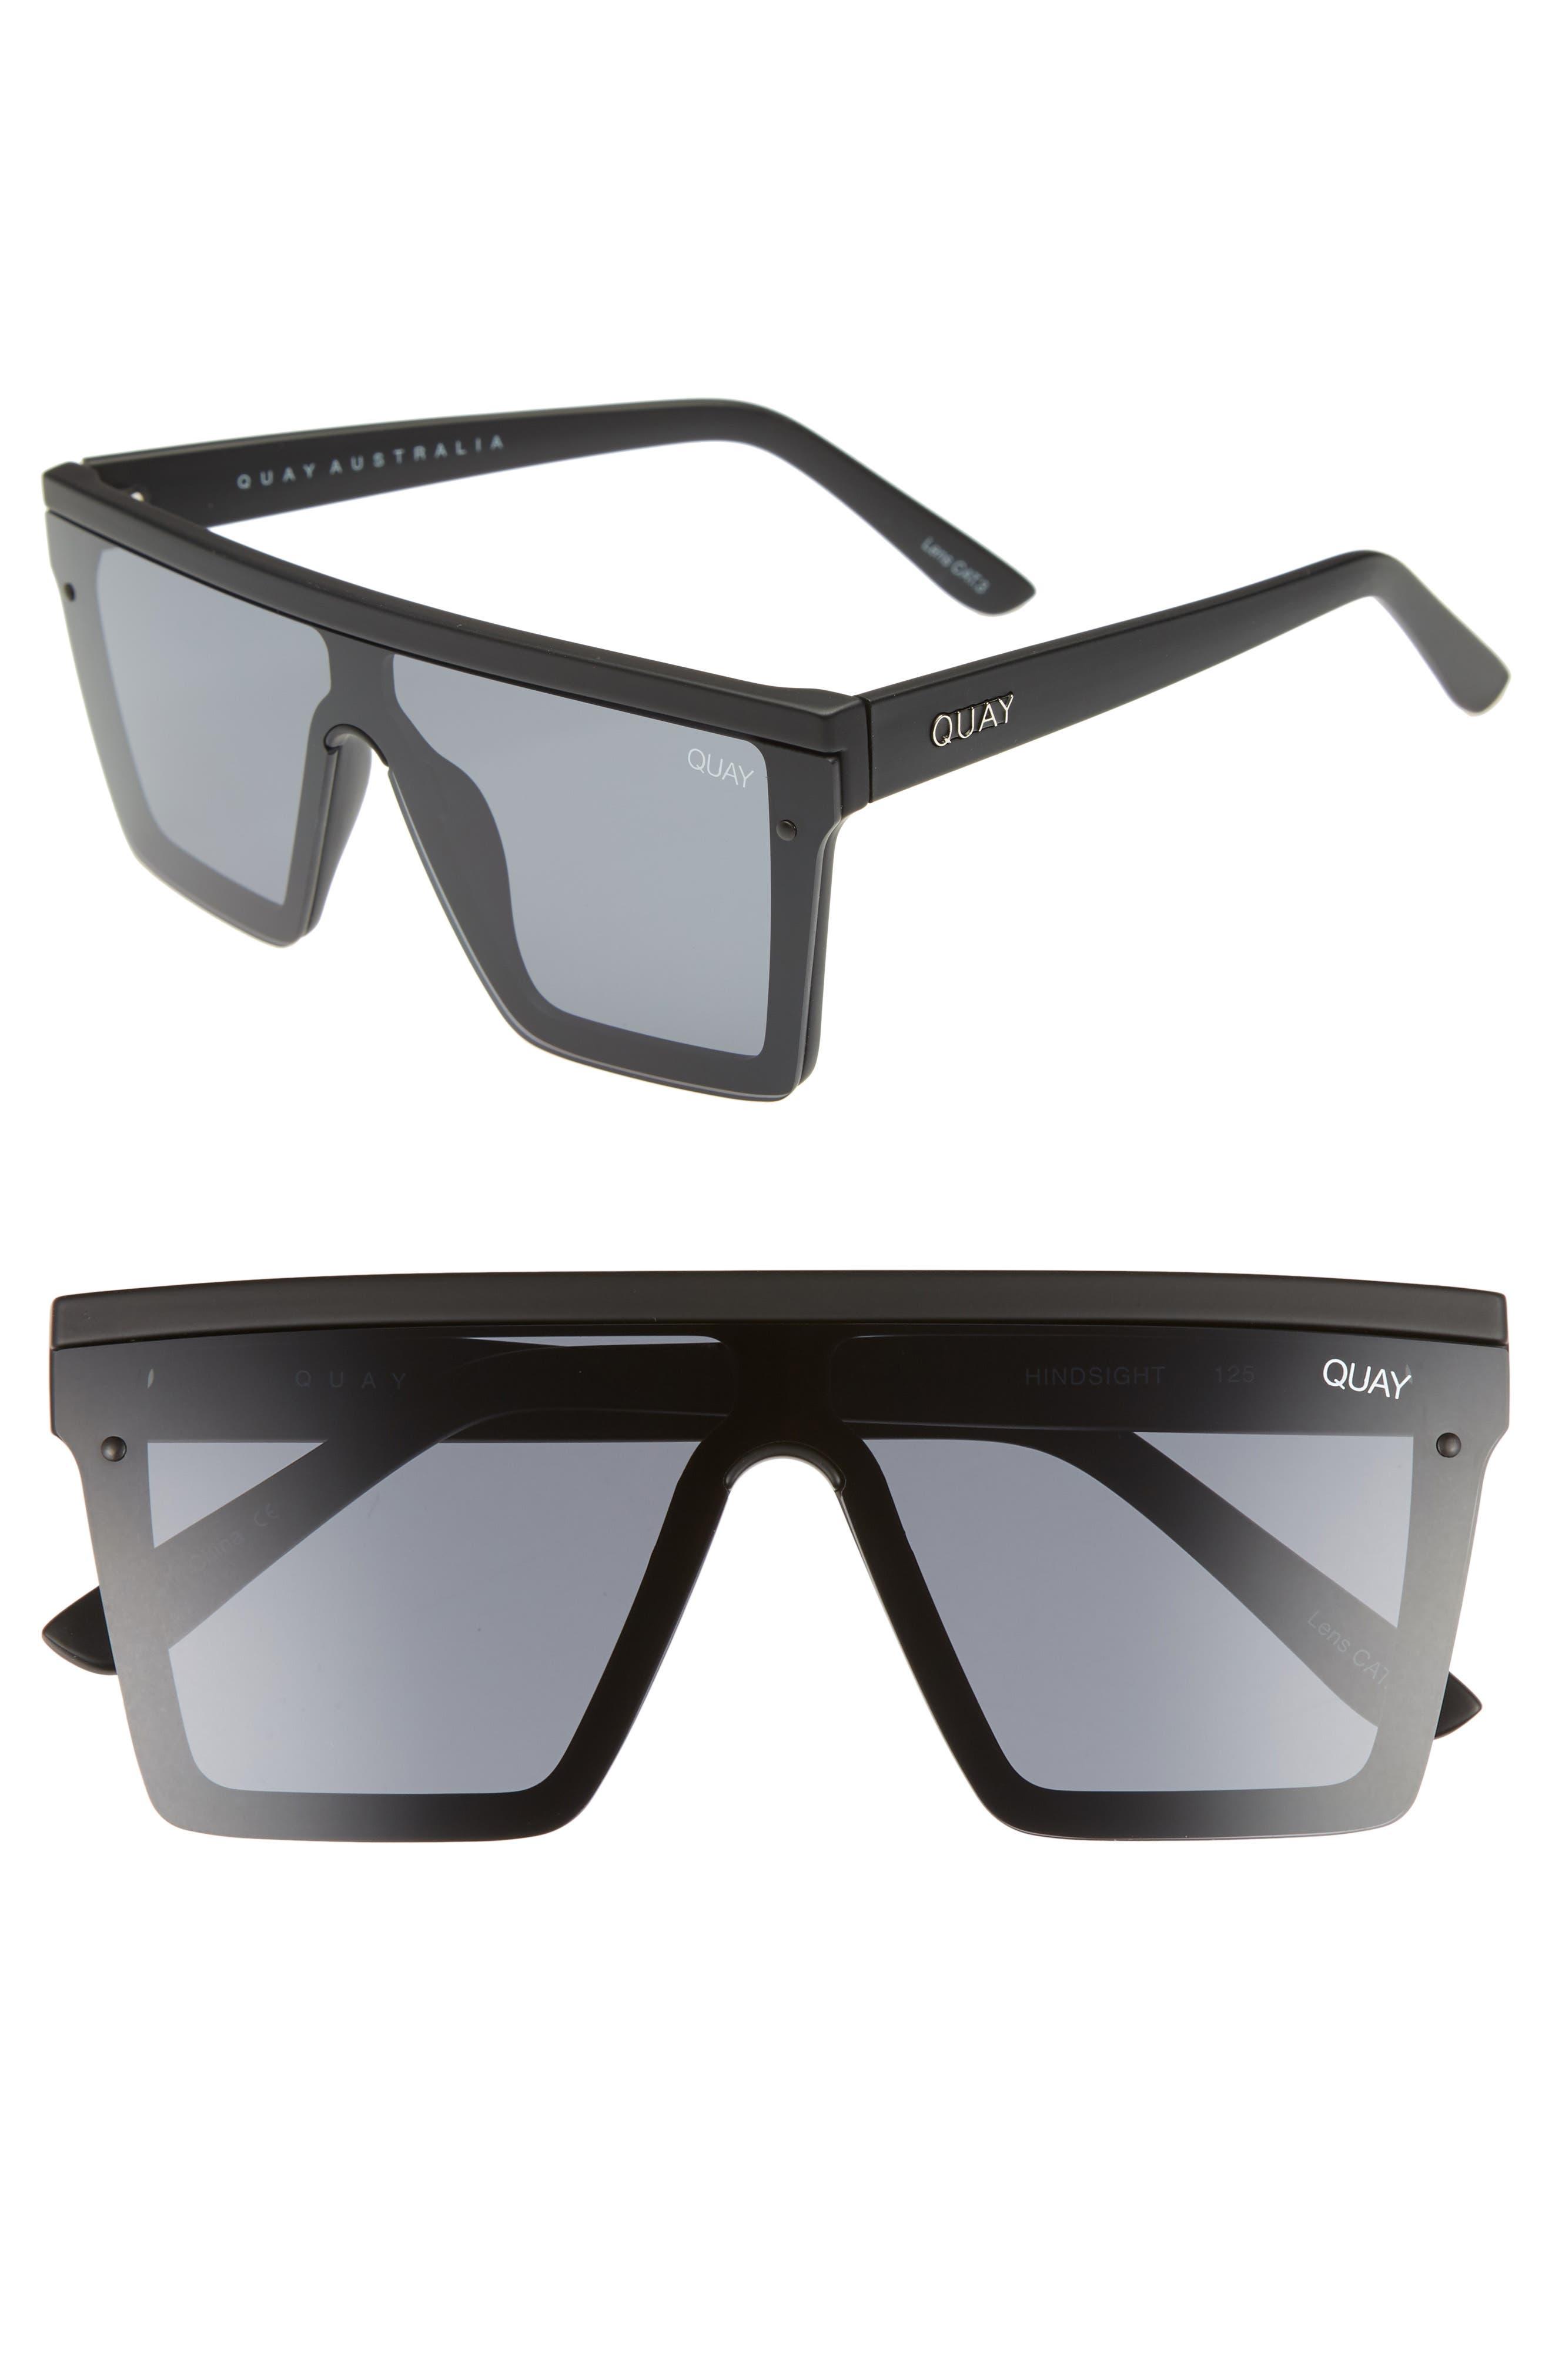 Hindsight 67mm Shield Sunglasses,                             Main thumbnail 1, color,                             Black/ Smoke